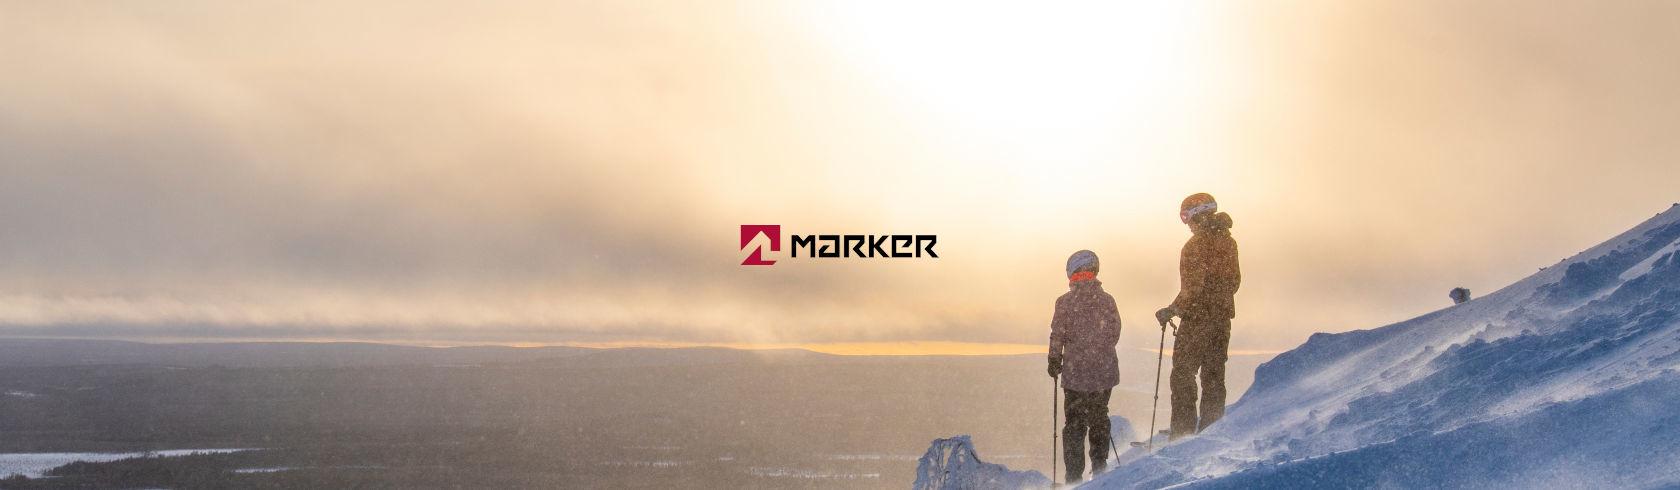 Marker Bindings brand logo